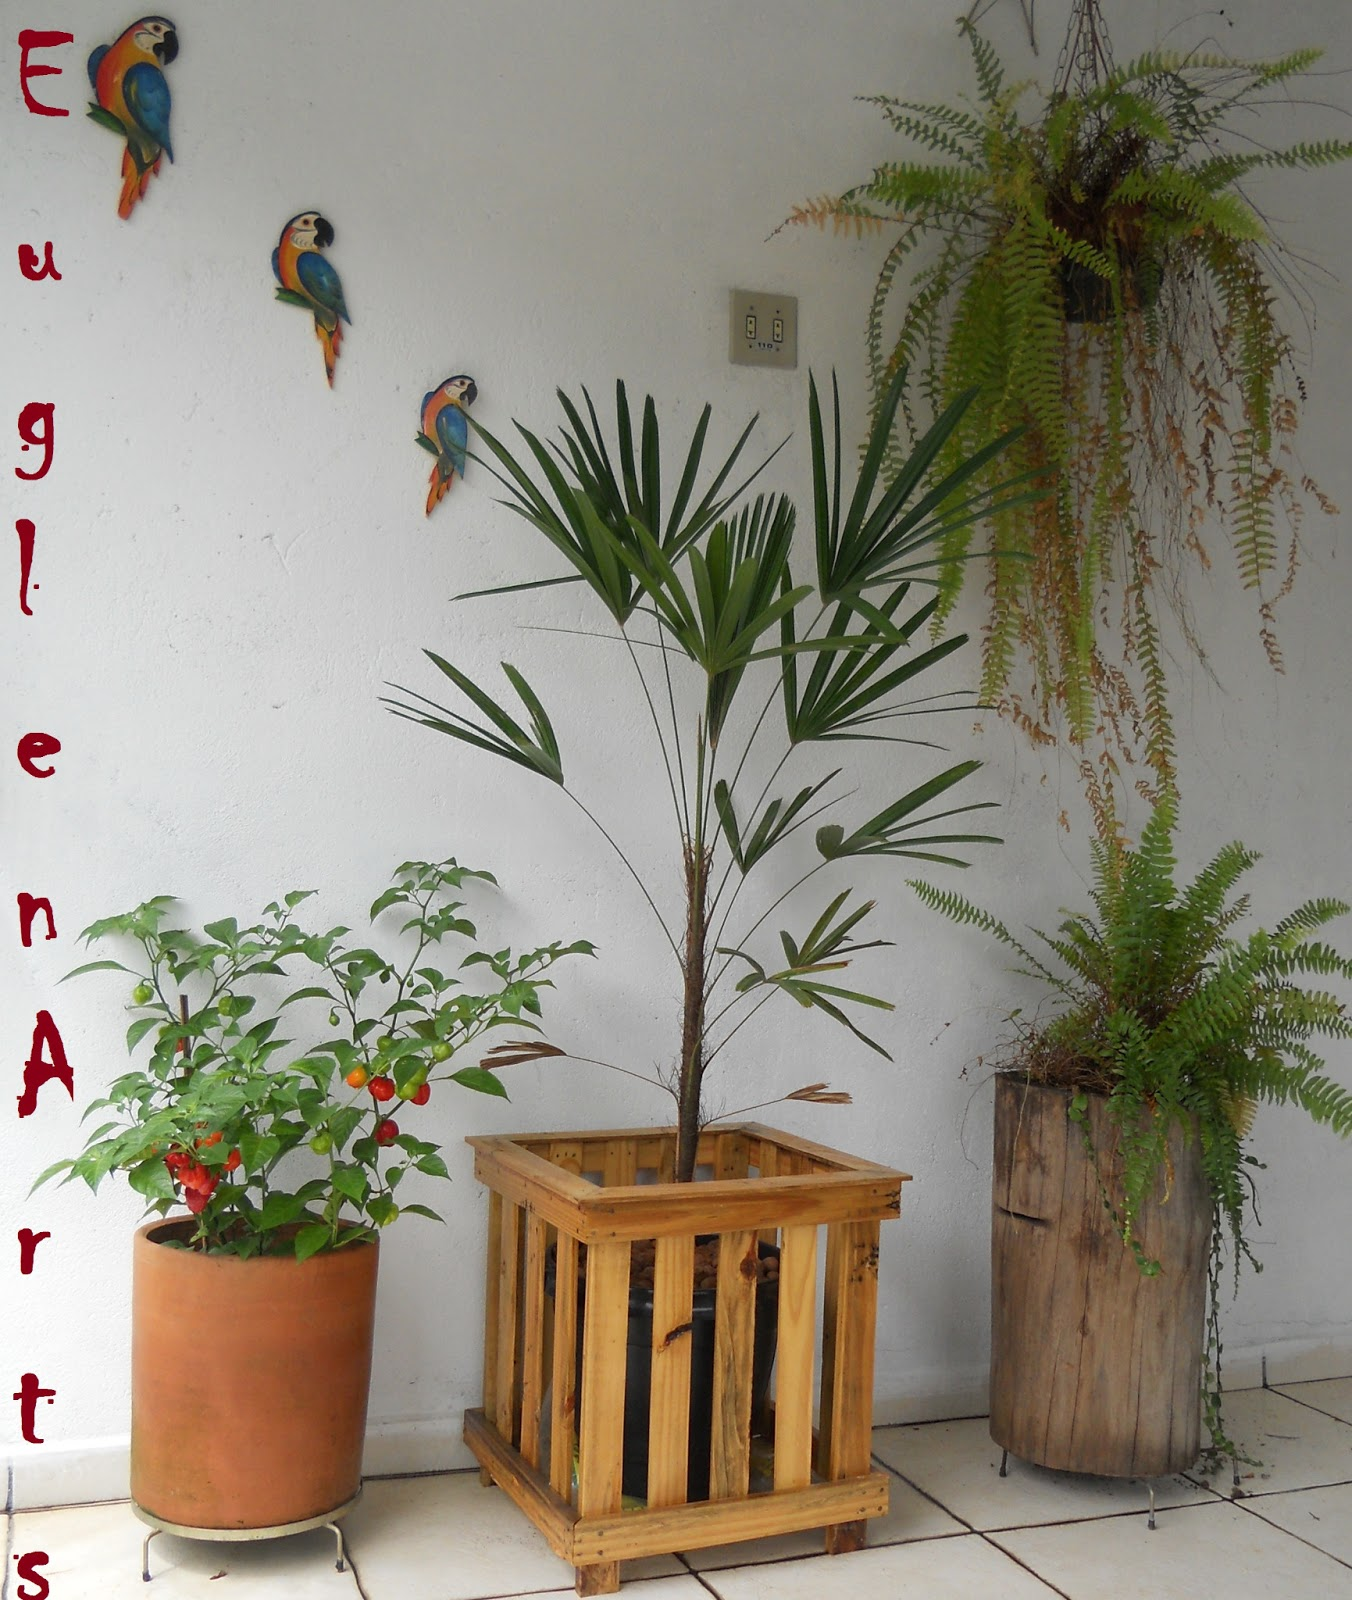 EuglenArt's: Cachepô madeira reciclada #966435 1352x1600